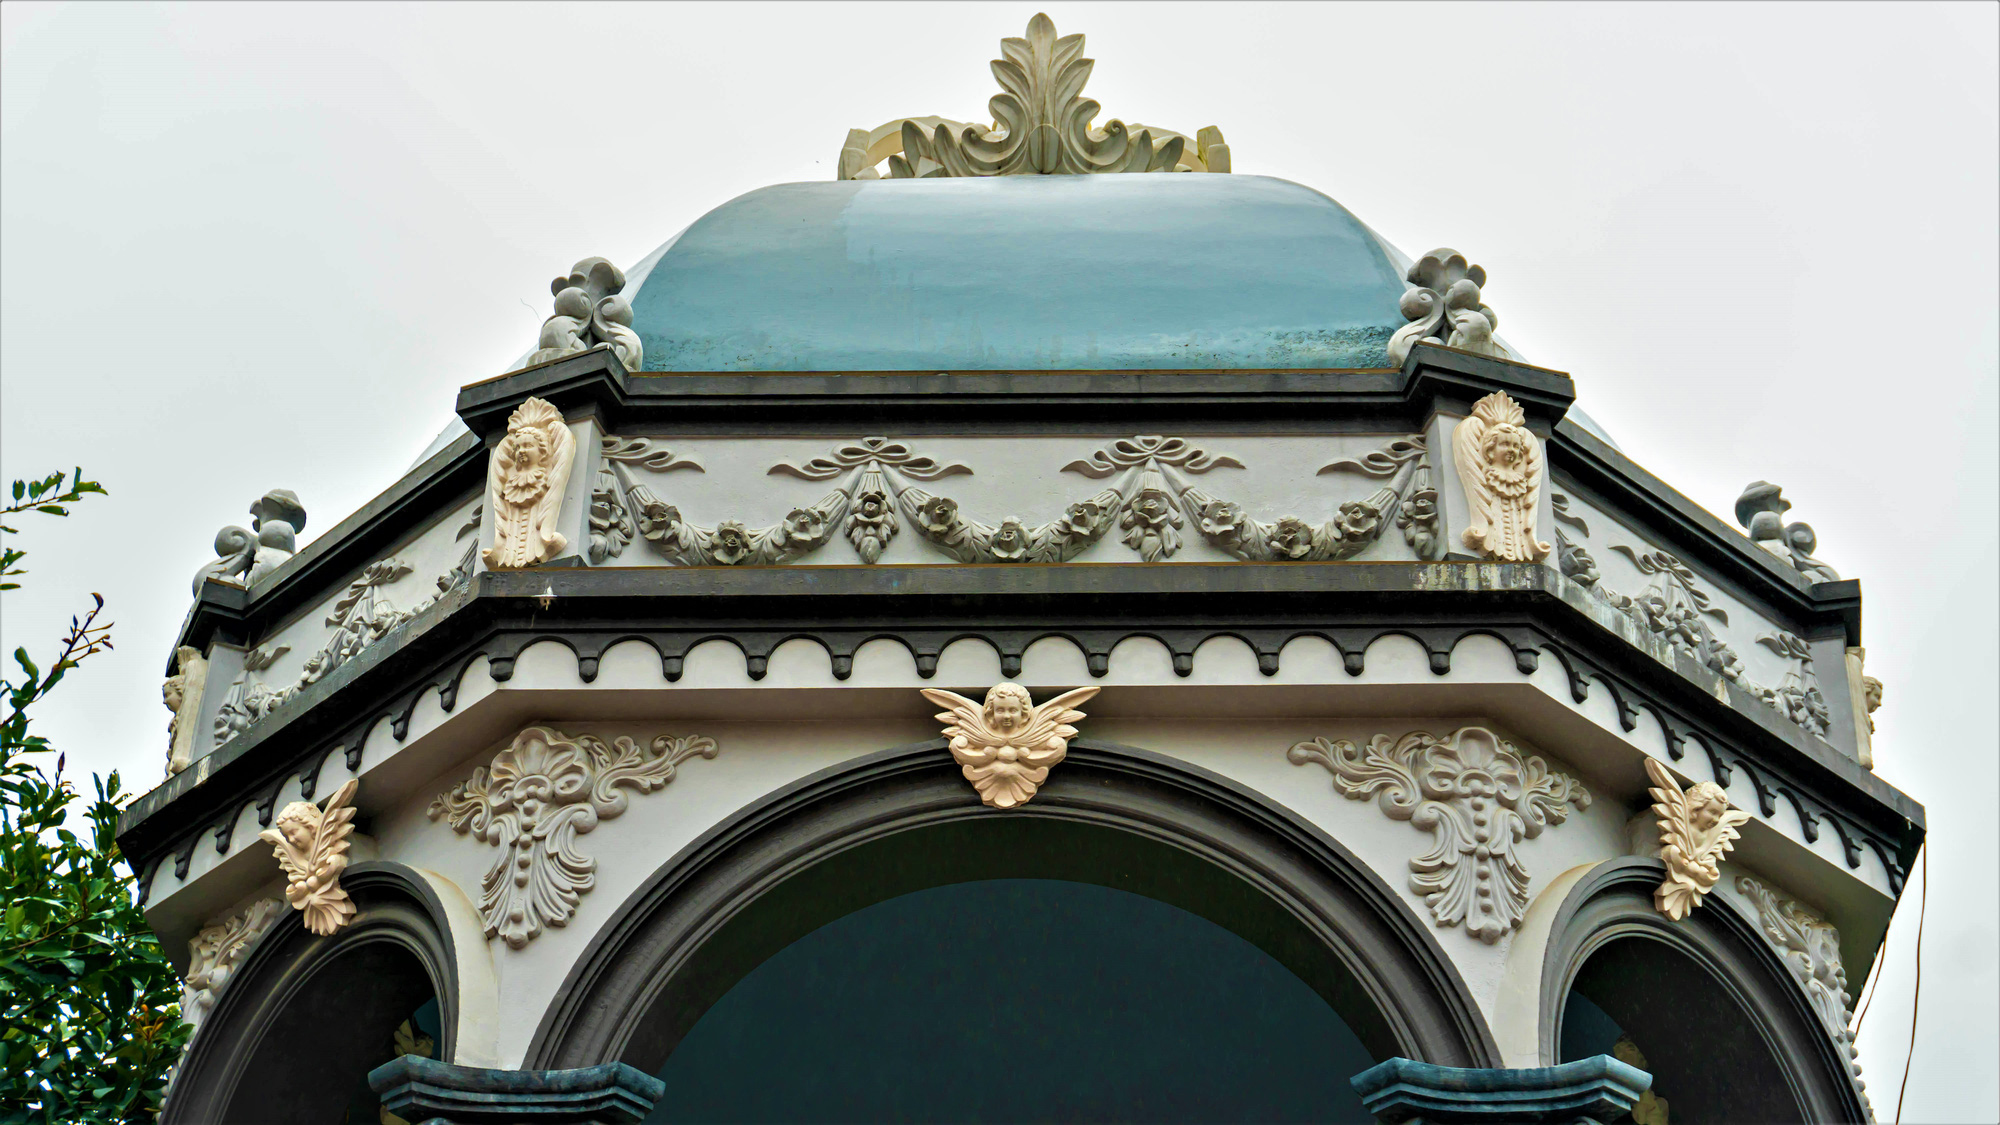 Về thăm nhà thờ Khoái Đồng, nơi thờ hiện thân của ông già Noel - Ảnh 3.